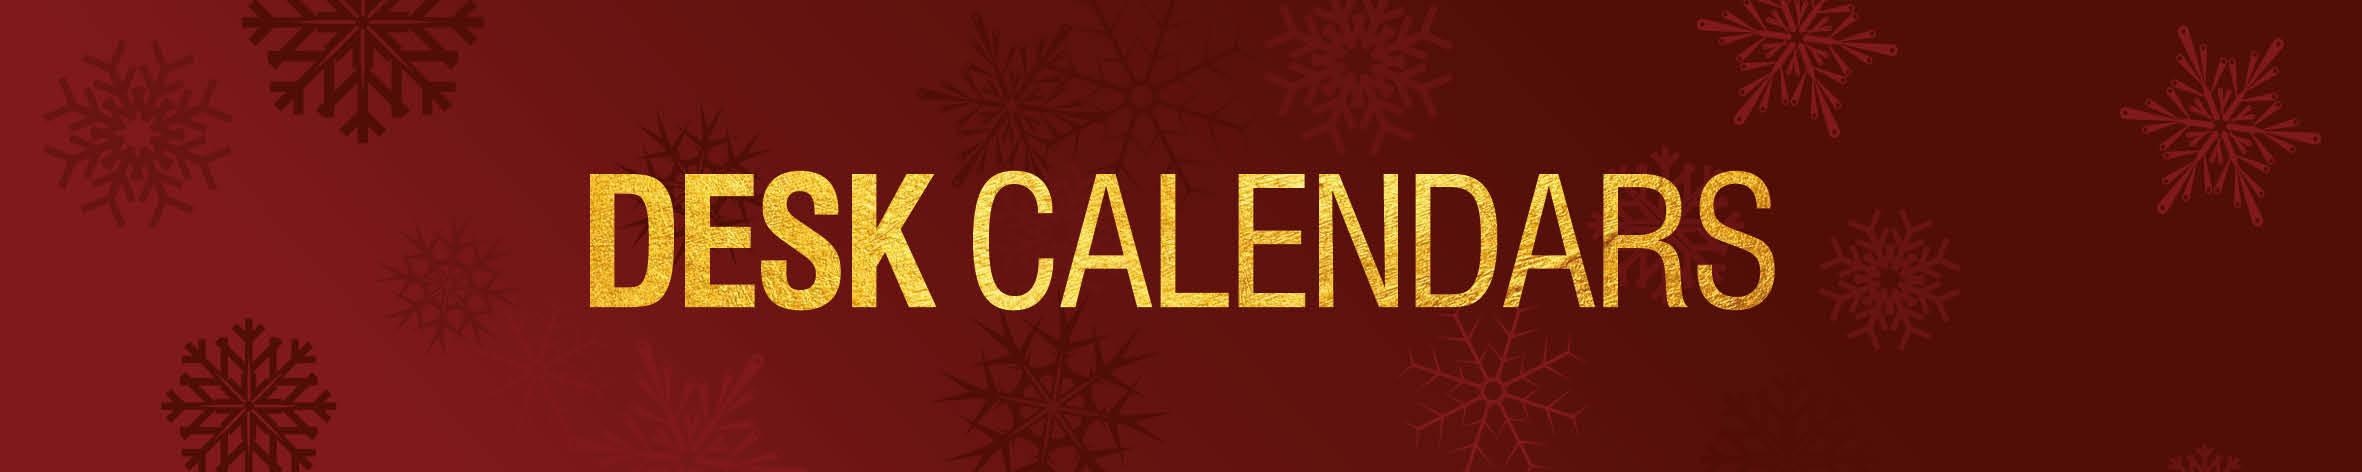 Christmas Desk Calendar Banner 19